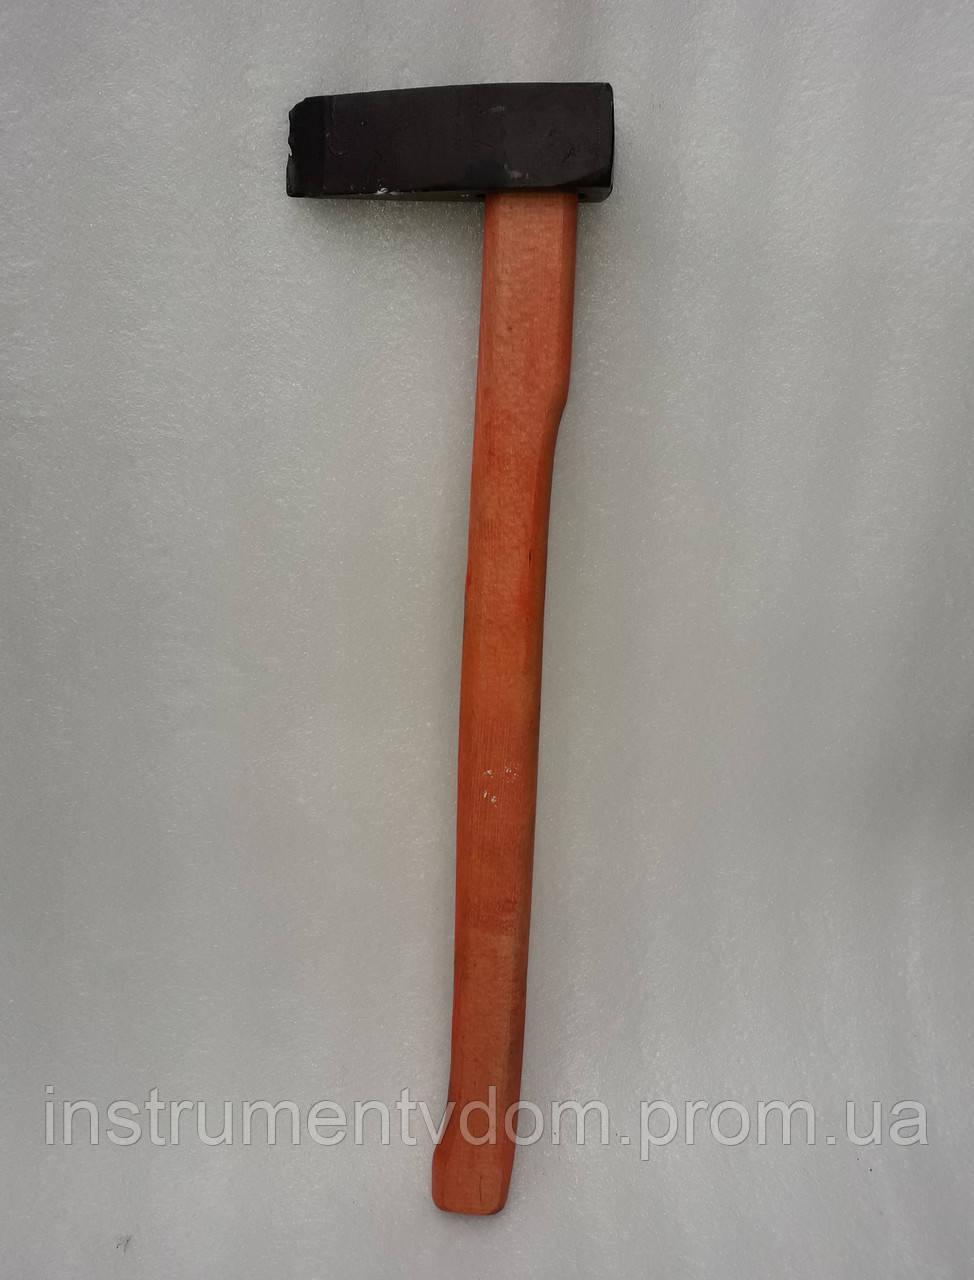 Колун кованый 3 кг (с красной ручкой)